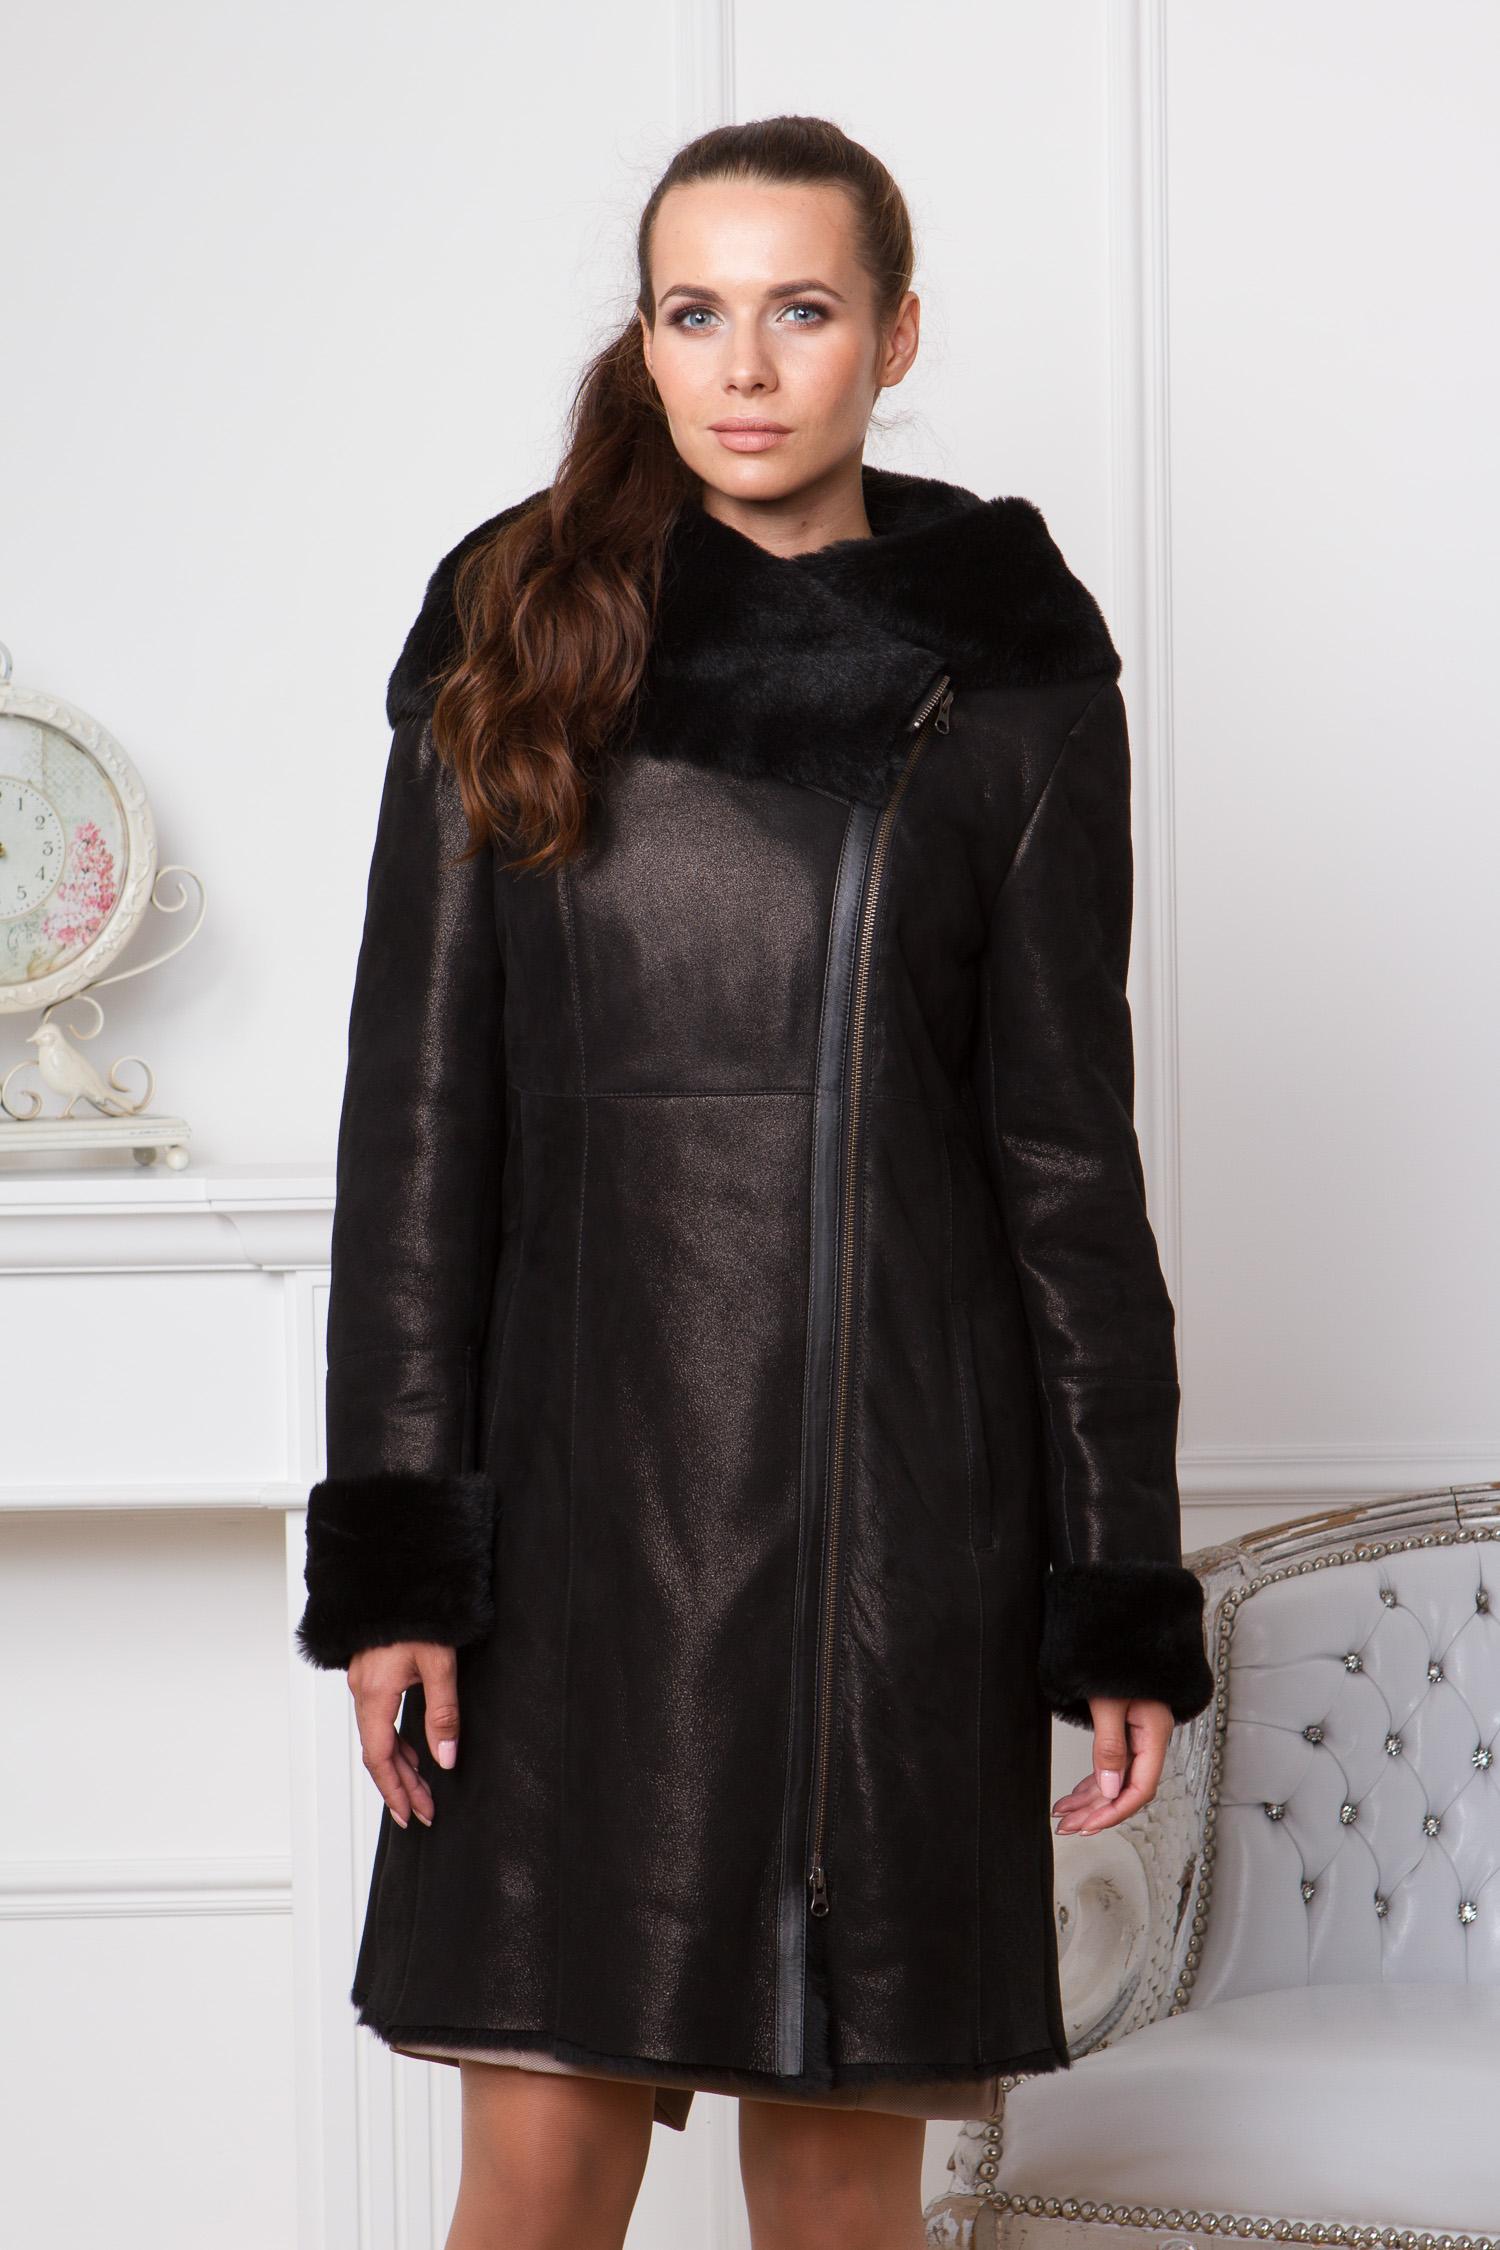 Дубленка женская  из натуральной овчины с капюшоном, без отделкиЦвет - оникс (черный).<br><br>Красивая и очень удобная дубленка в классическом стиле. Модель выполнена из натуральной овчины с применением лазерной обработки. Лаконичный крой представлен полуприталенным силуэтом и оптимальной длиной. Благодаря этому можно создавать тандем с брючным костюмом или с юбкой.Модели plus size отличаются широкой проймой рукава. Дубленка дополнена объемным капюшоном, который укрывает плечи и становится украшением всего изделия. Завершает образ ассиметричная молния.<br><br>Для удобства дубленка дополнена боковыми карманами.<br><br>Воротник: капюшон<br>Длина см: Длинная (свыше 90)<br>Материал: Овчина с накатом<br>Цвет: черный<br>Вид застежки: косая<br>Застежка: на молнии<br>Пол: Женский<br>Размер RU: 54